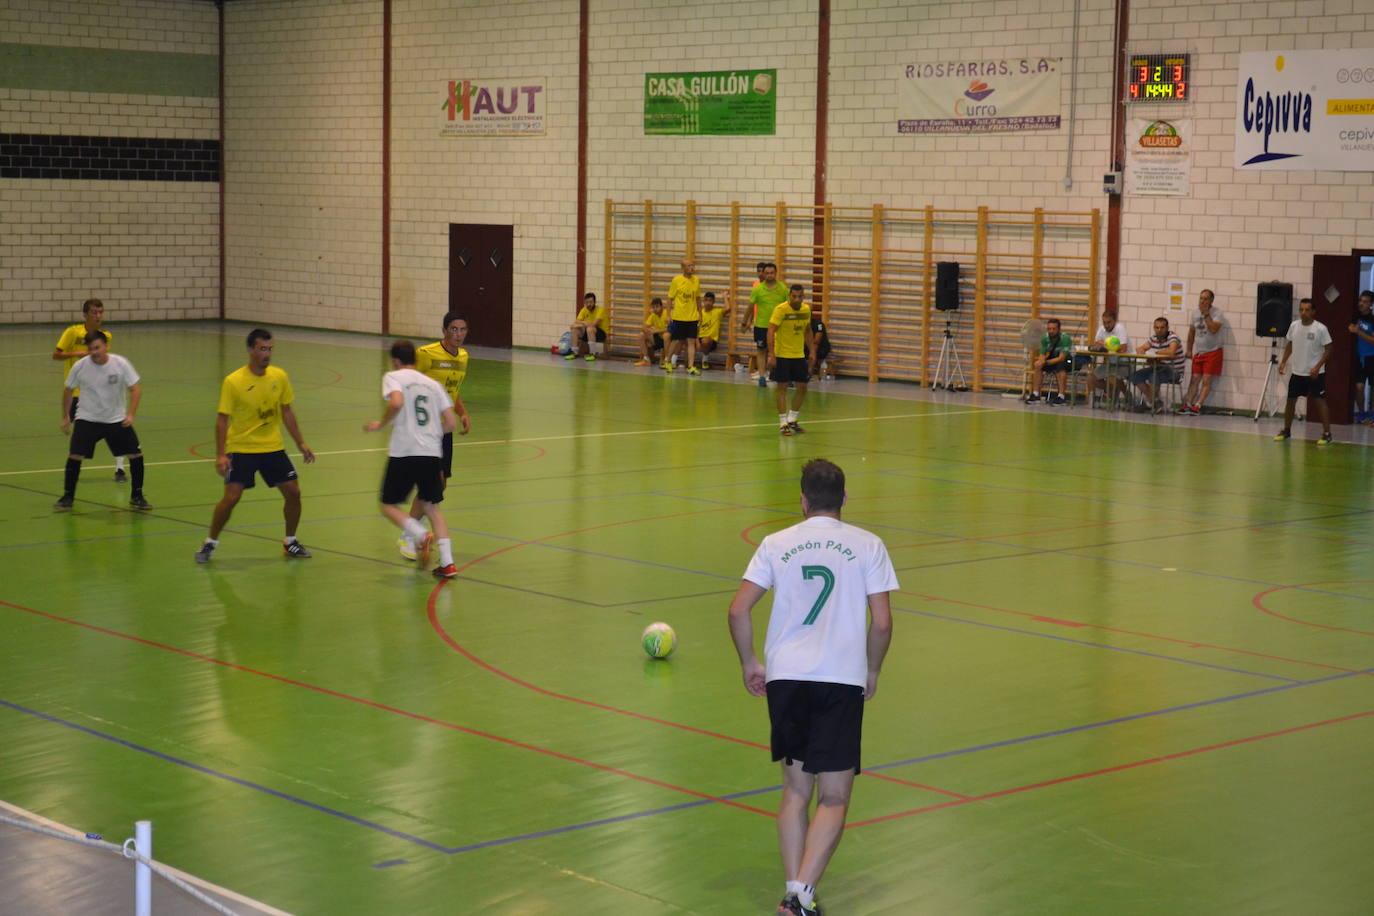 La Concejalía de Deportes organiza un torneo de verano de fútbol 7 absoluta